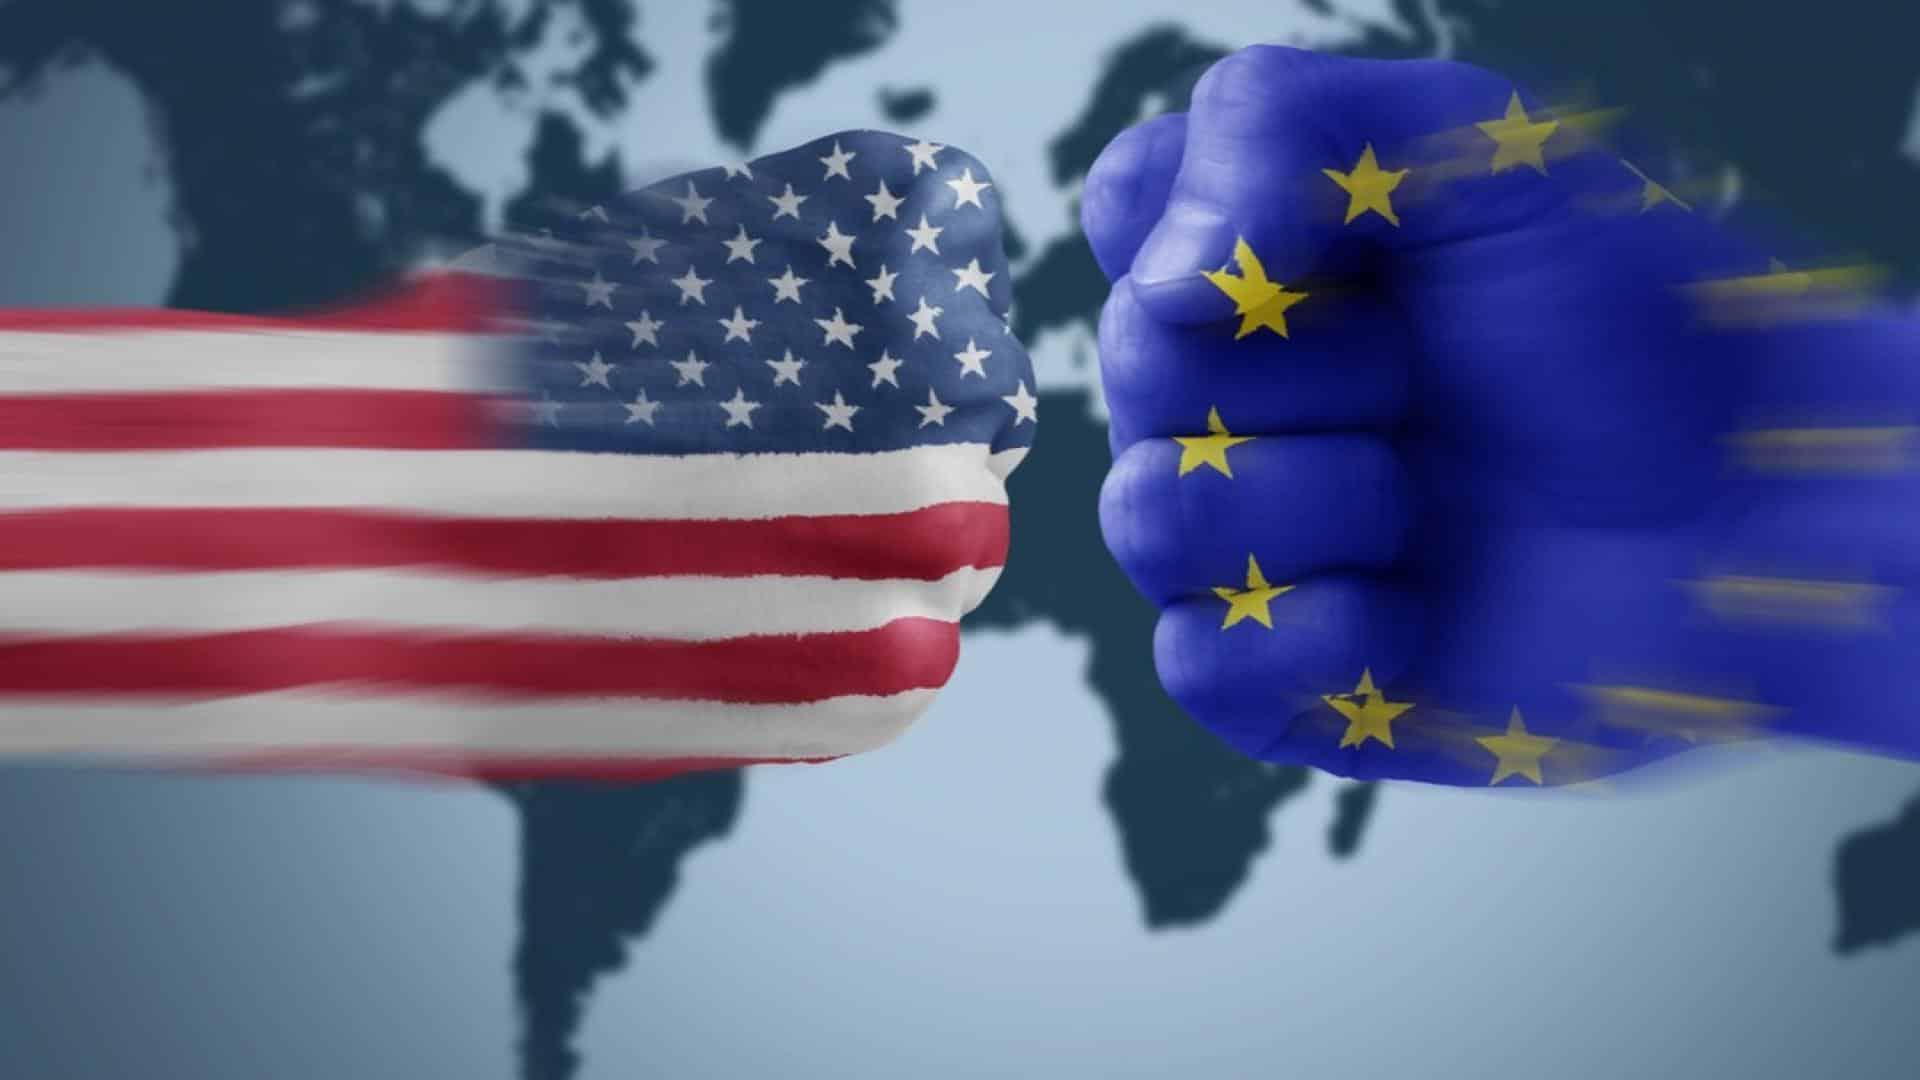 Guerra di Dazi tra Usa e Ue (Winenews)